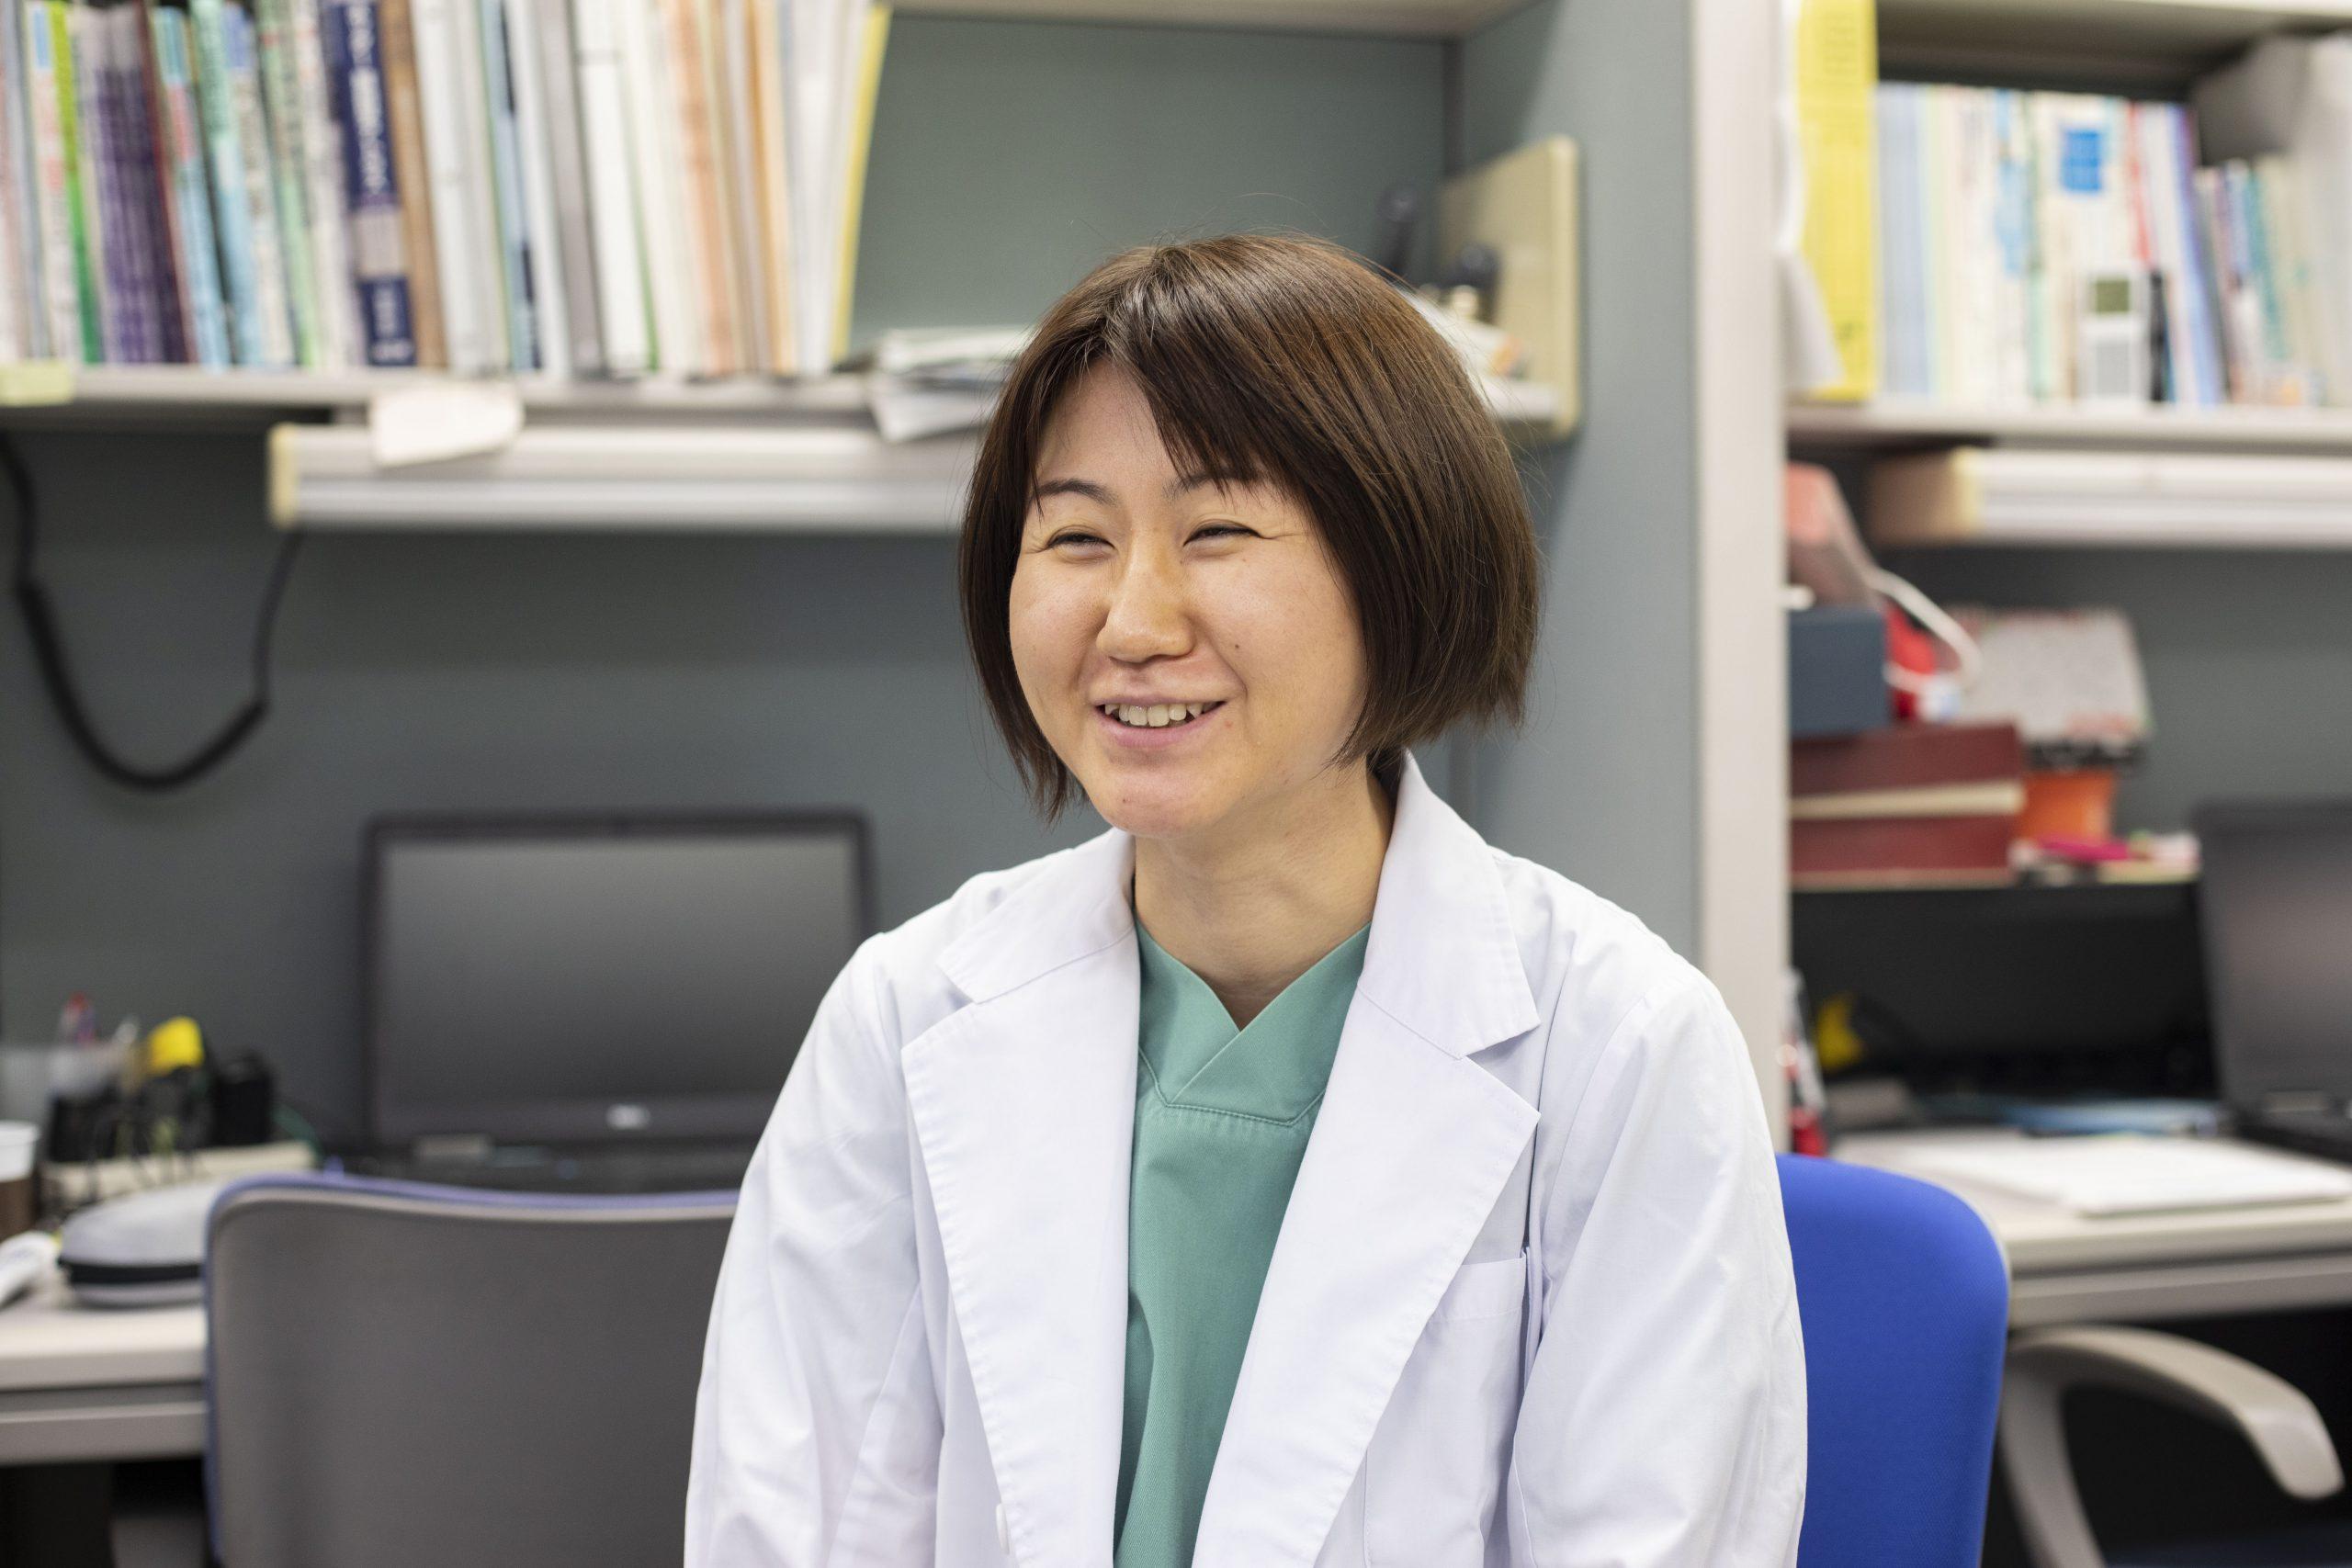 医療法人恵仁会松島病院 大腸肛門病センター医師 紅谷 鮎美先生